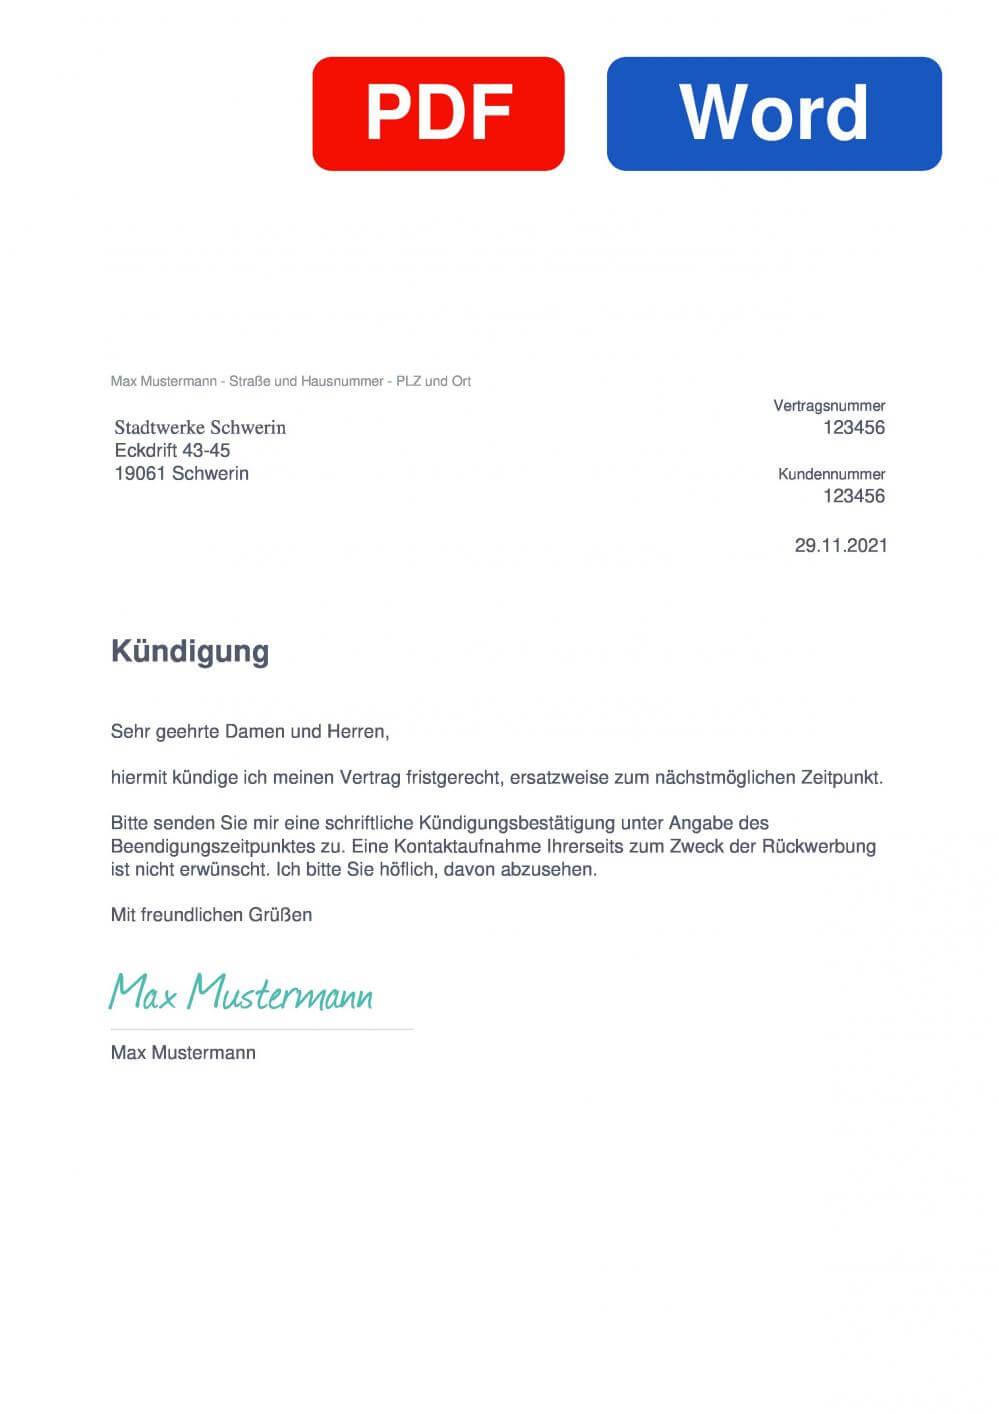 Stadtwerke Schwerin Muster Vorlage für Kündigungsschreiben